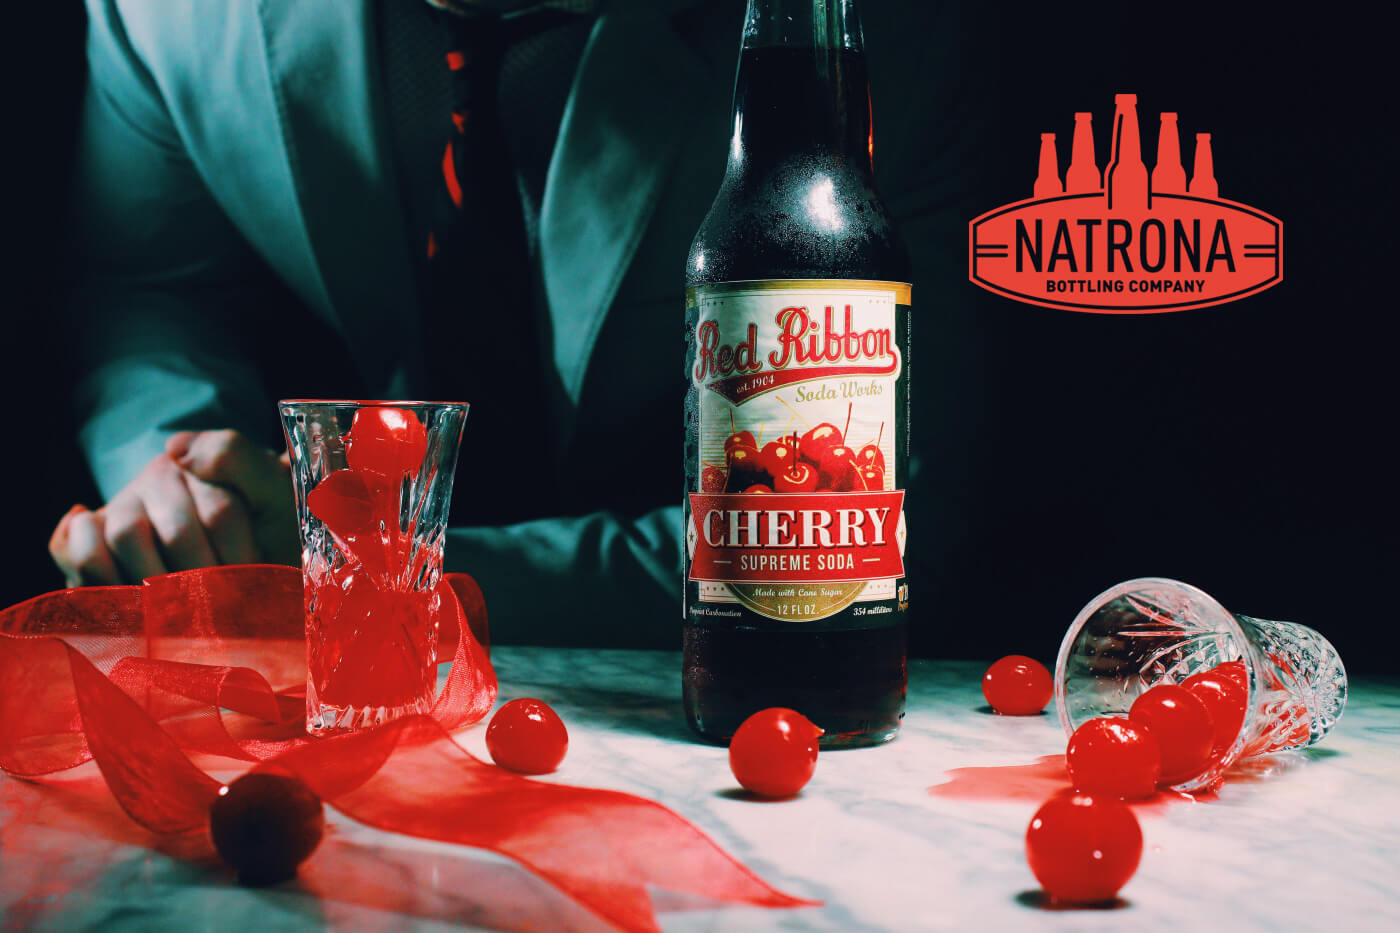 Natrona Bottling BOOM Creative Red Ribbon Soda